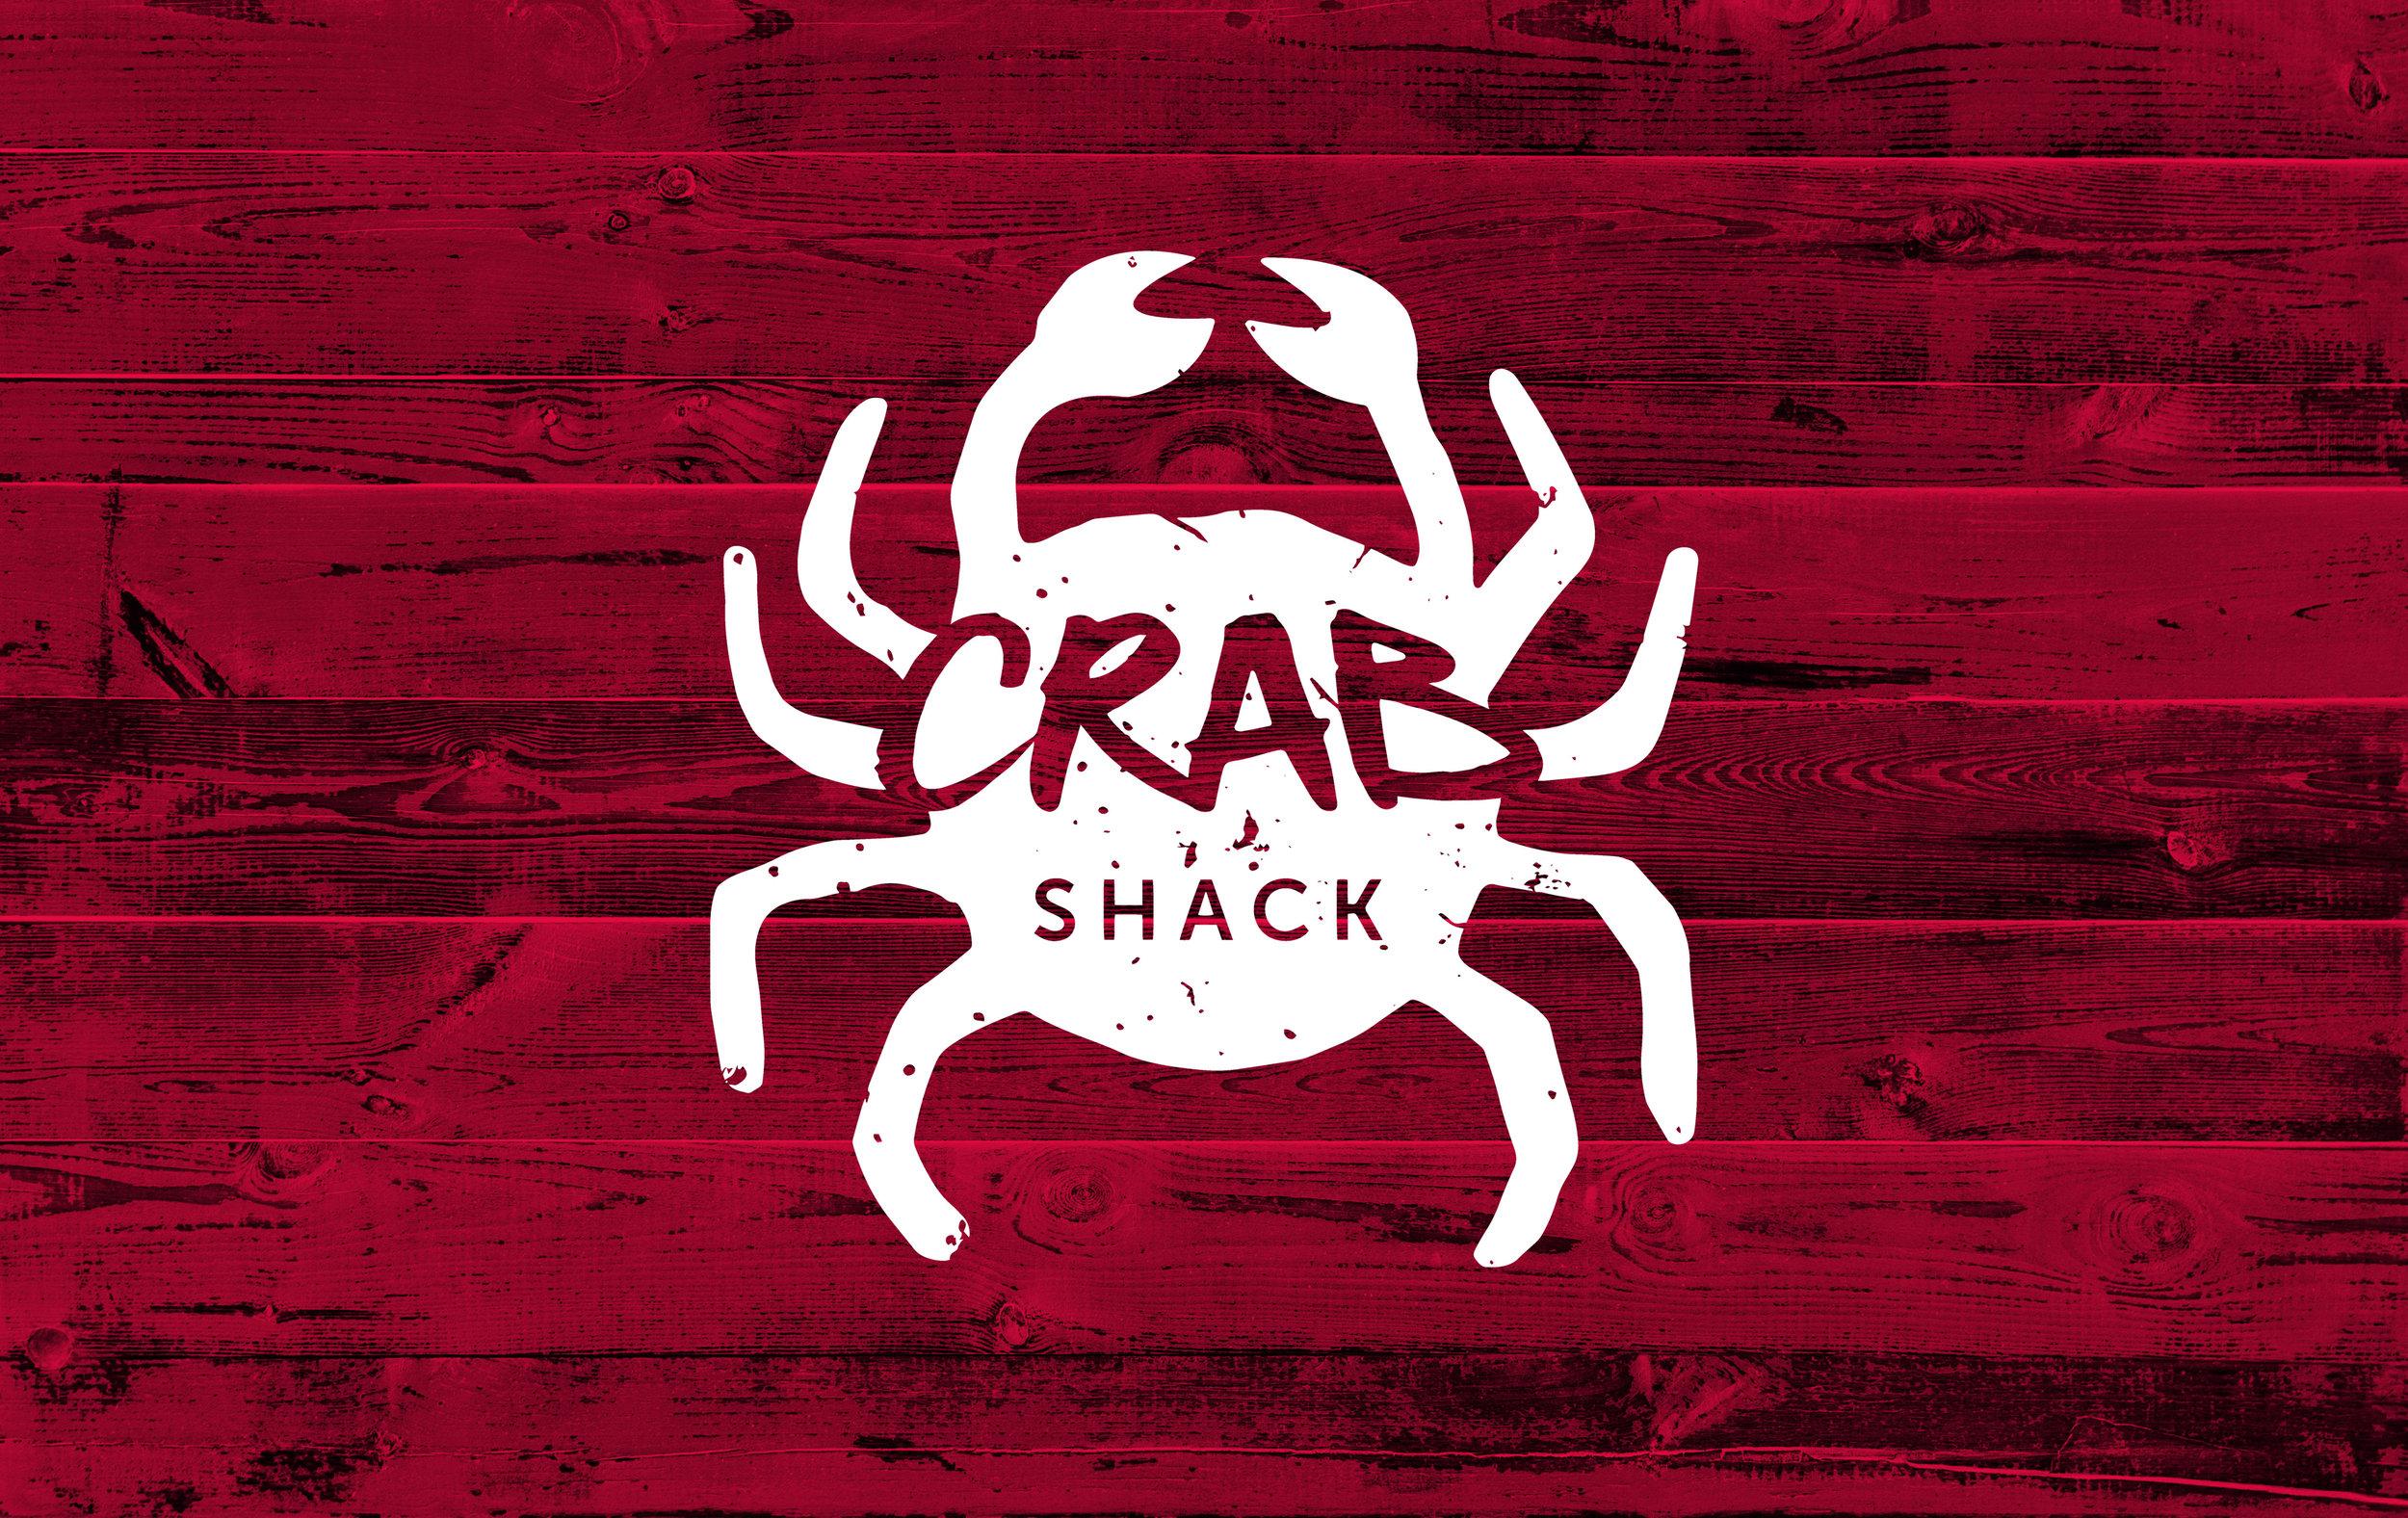 crabshackbanner2.jpg